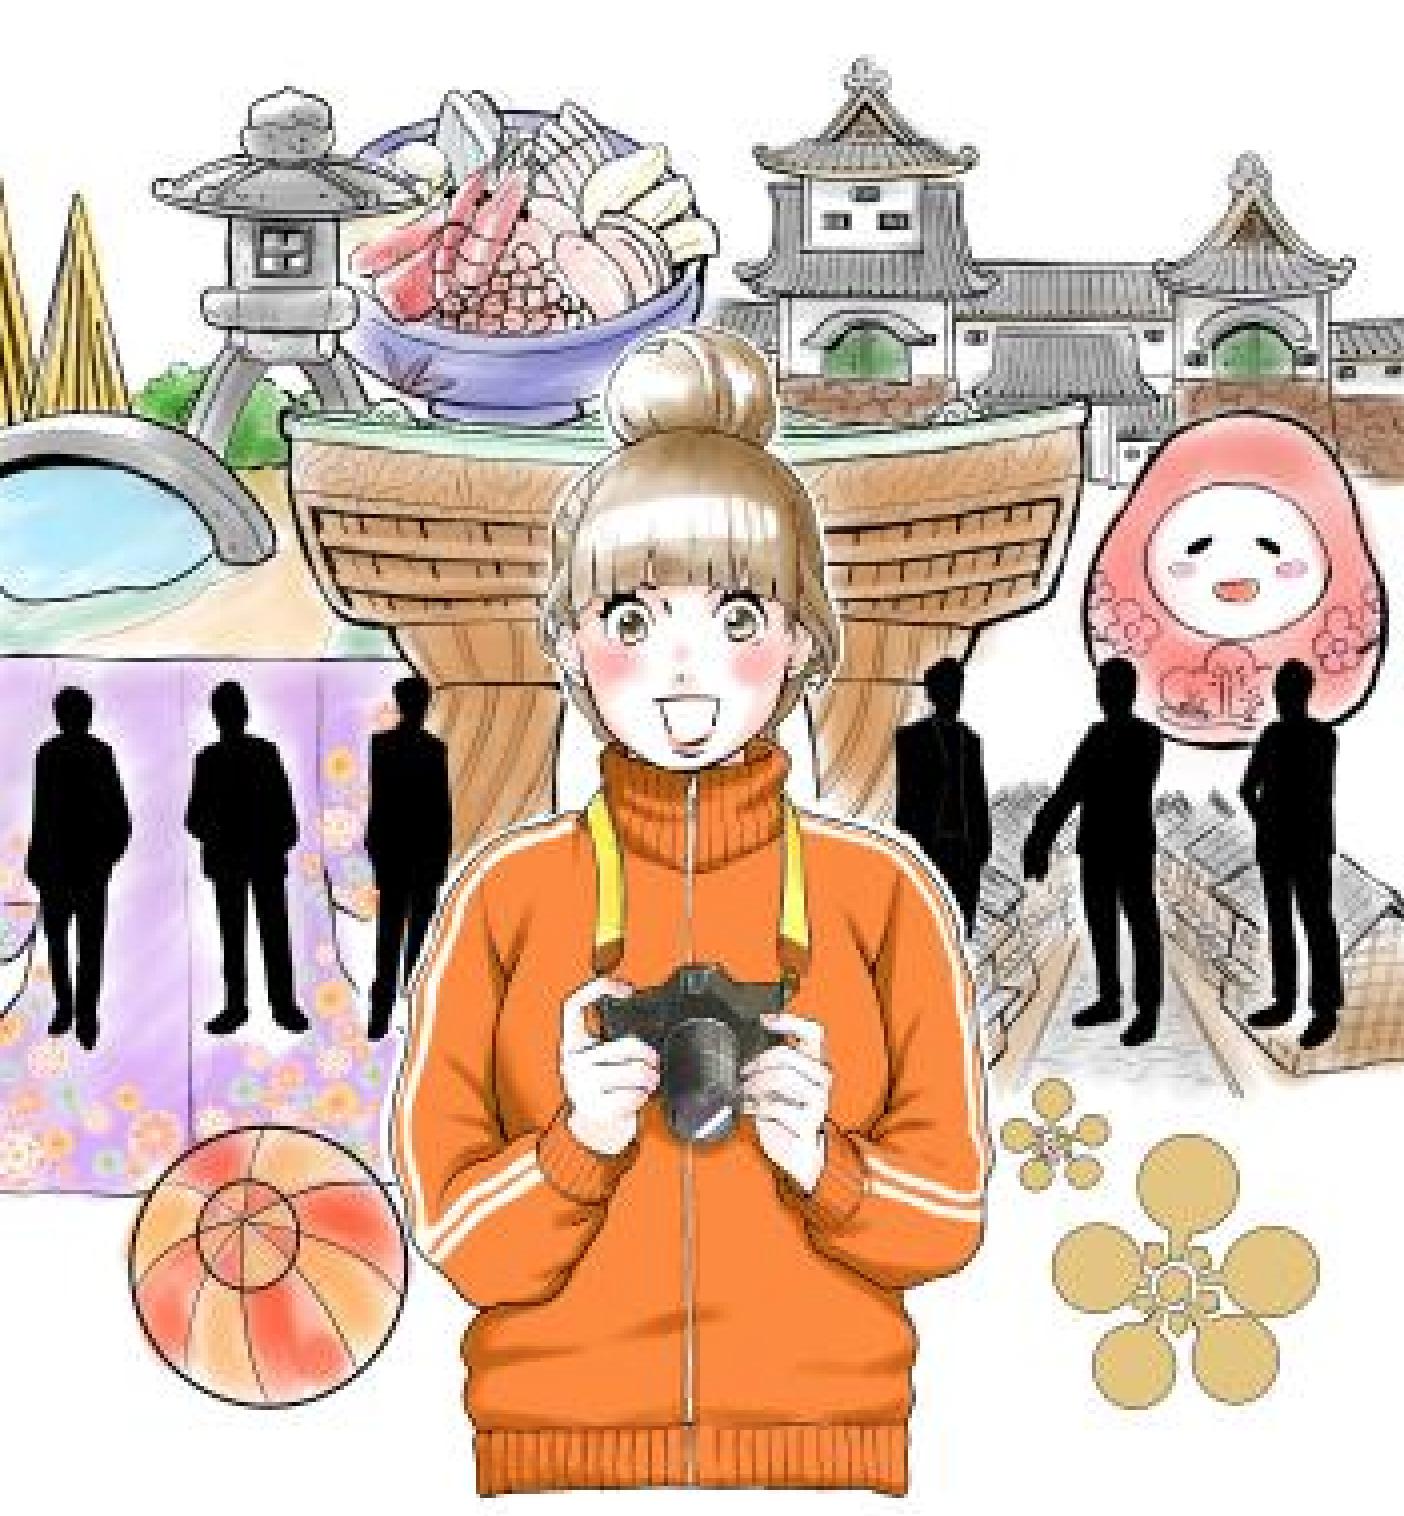 「東京タラレバ娘」の作者・東村アキコさんが、『かなざわステキ男子』を大捜索中!周囲にいる素適な「かなざわ男子」を投稿しよう !!